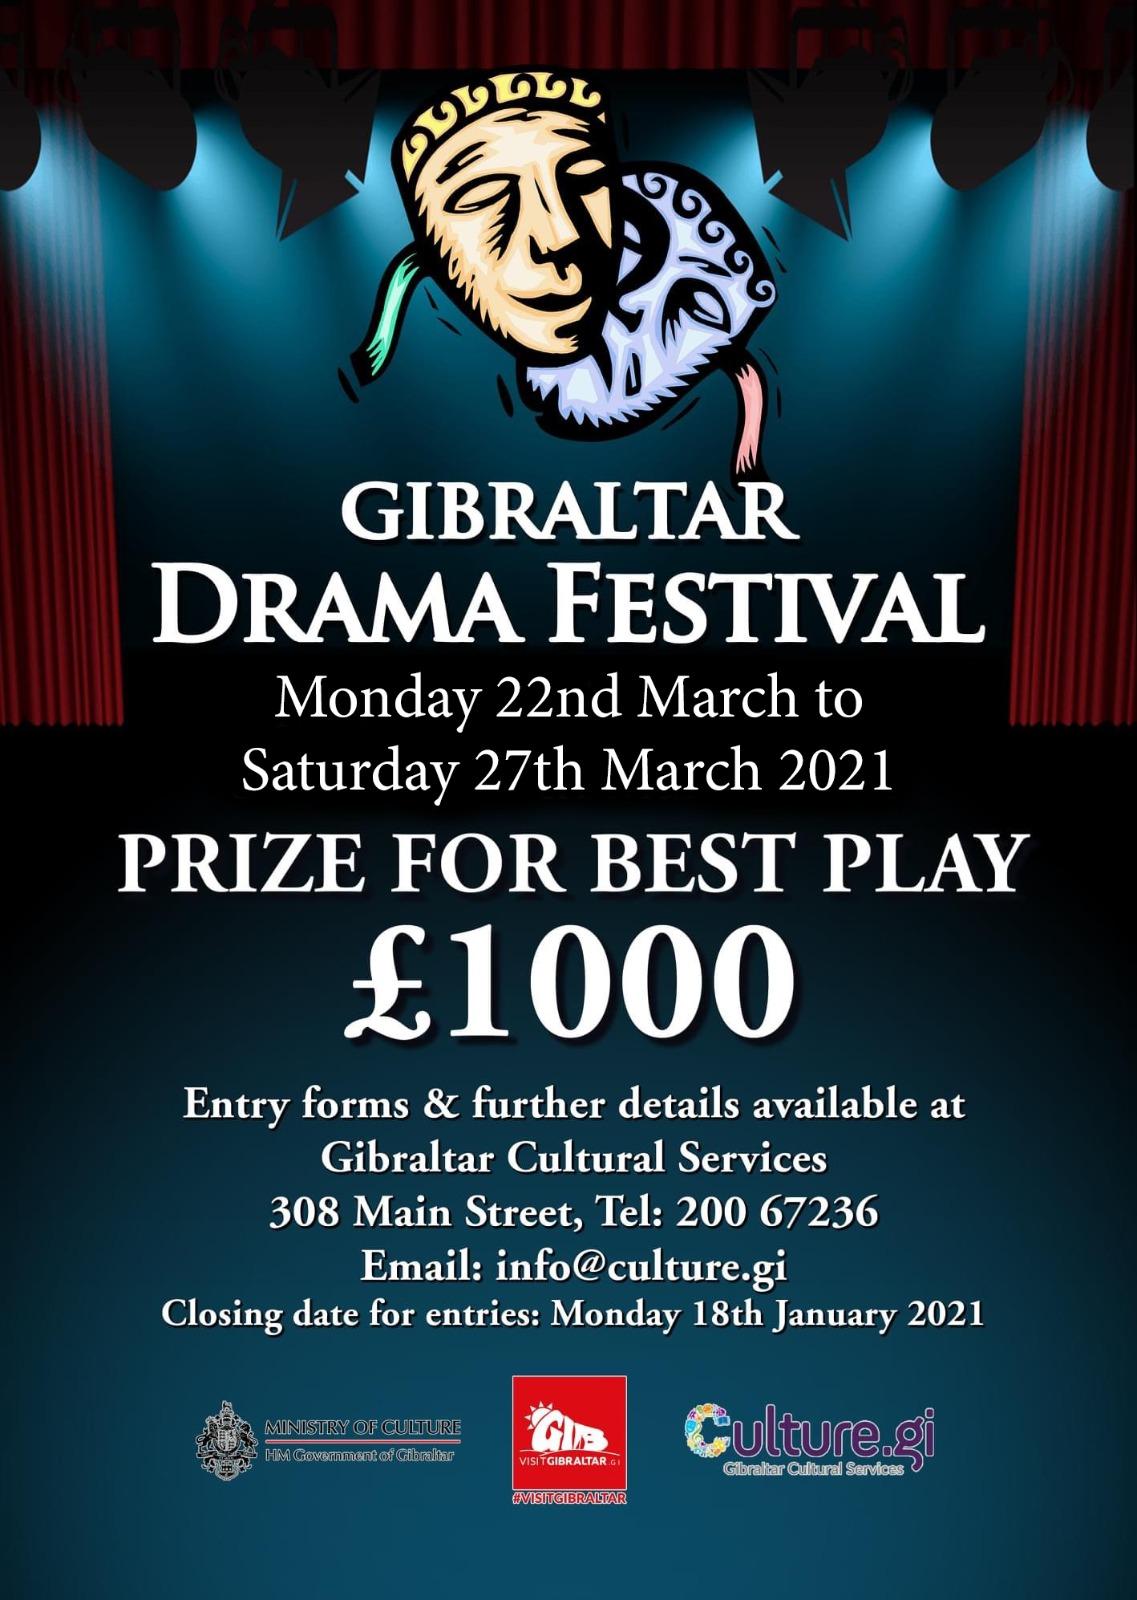 GIbraltar Drama Festival Poster Image